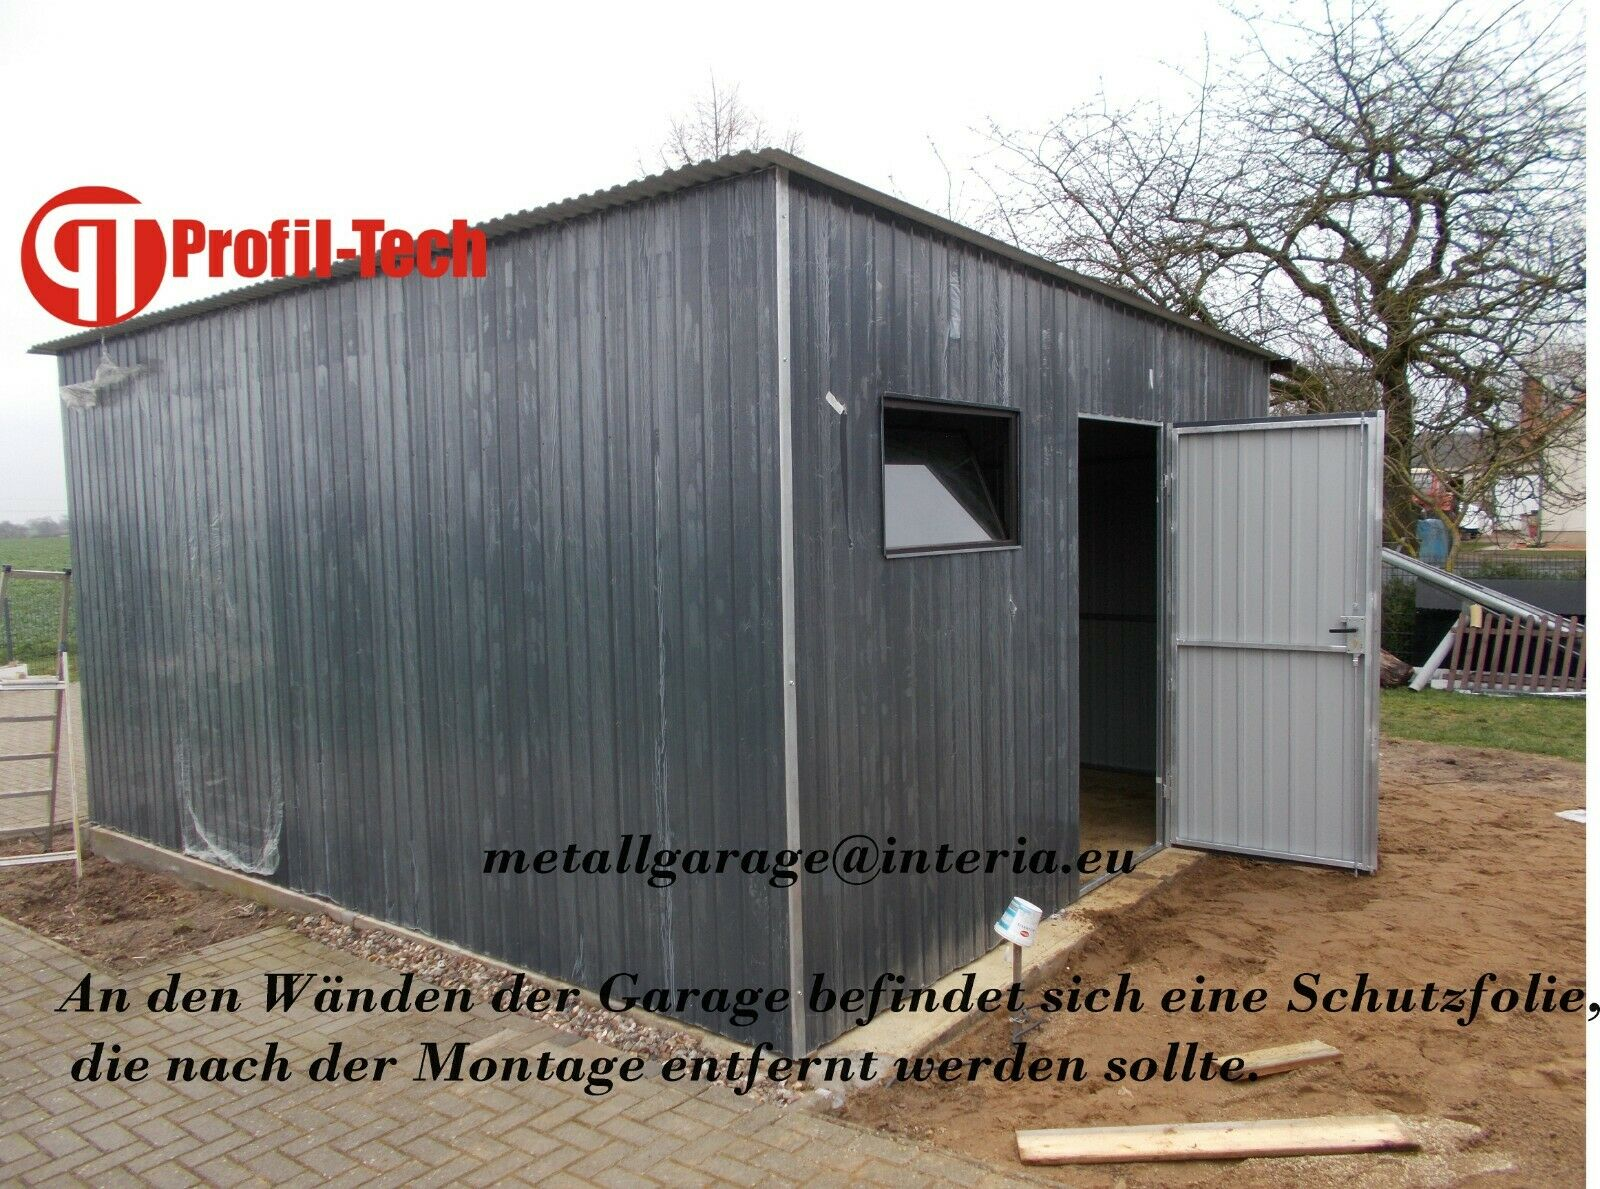 3,5x4,5 Blechgarage GARAGE Metallgarage Gartenhäuser Geräteschuppen Fertiggarage